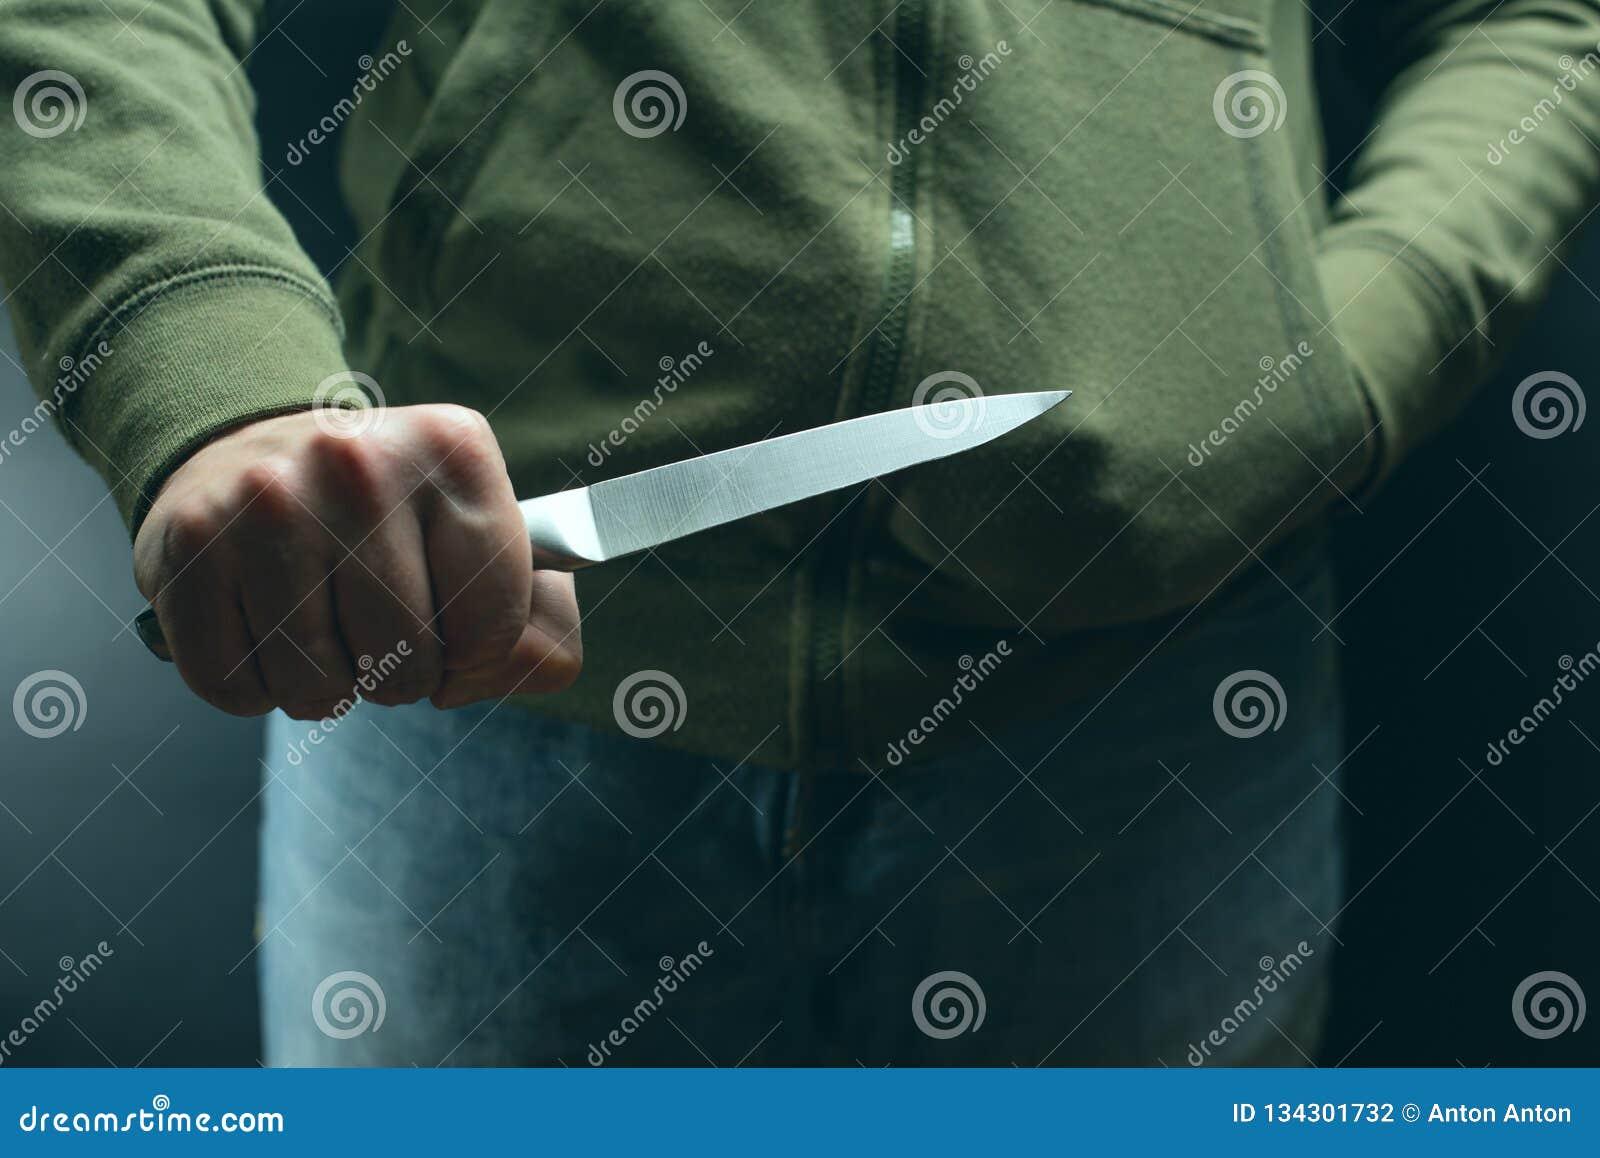 Ένας εγκληματίας με ένα όπλο μαχαιριών απειλεί να σκοτώσει Εγκληματικότητα, έγκλημα, κακοποιός ληστείας